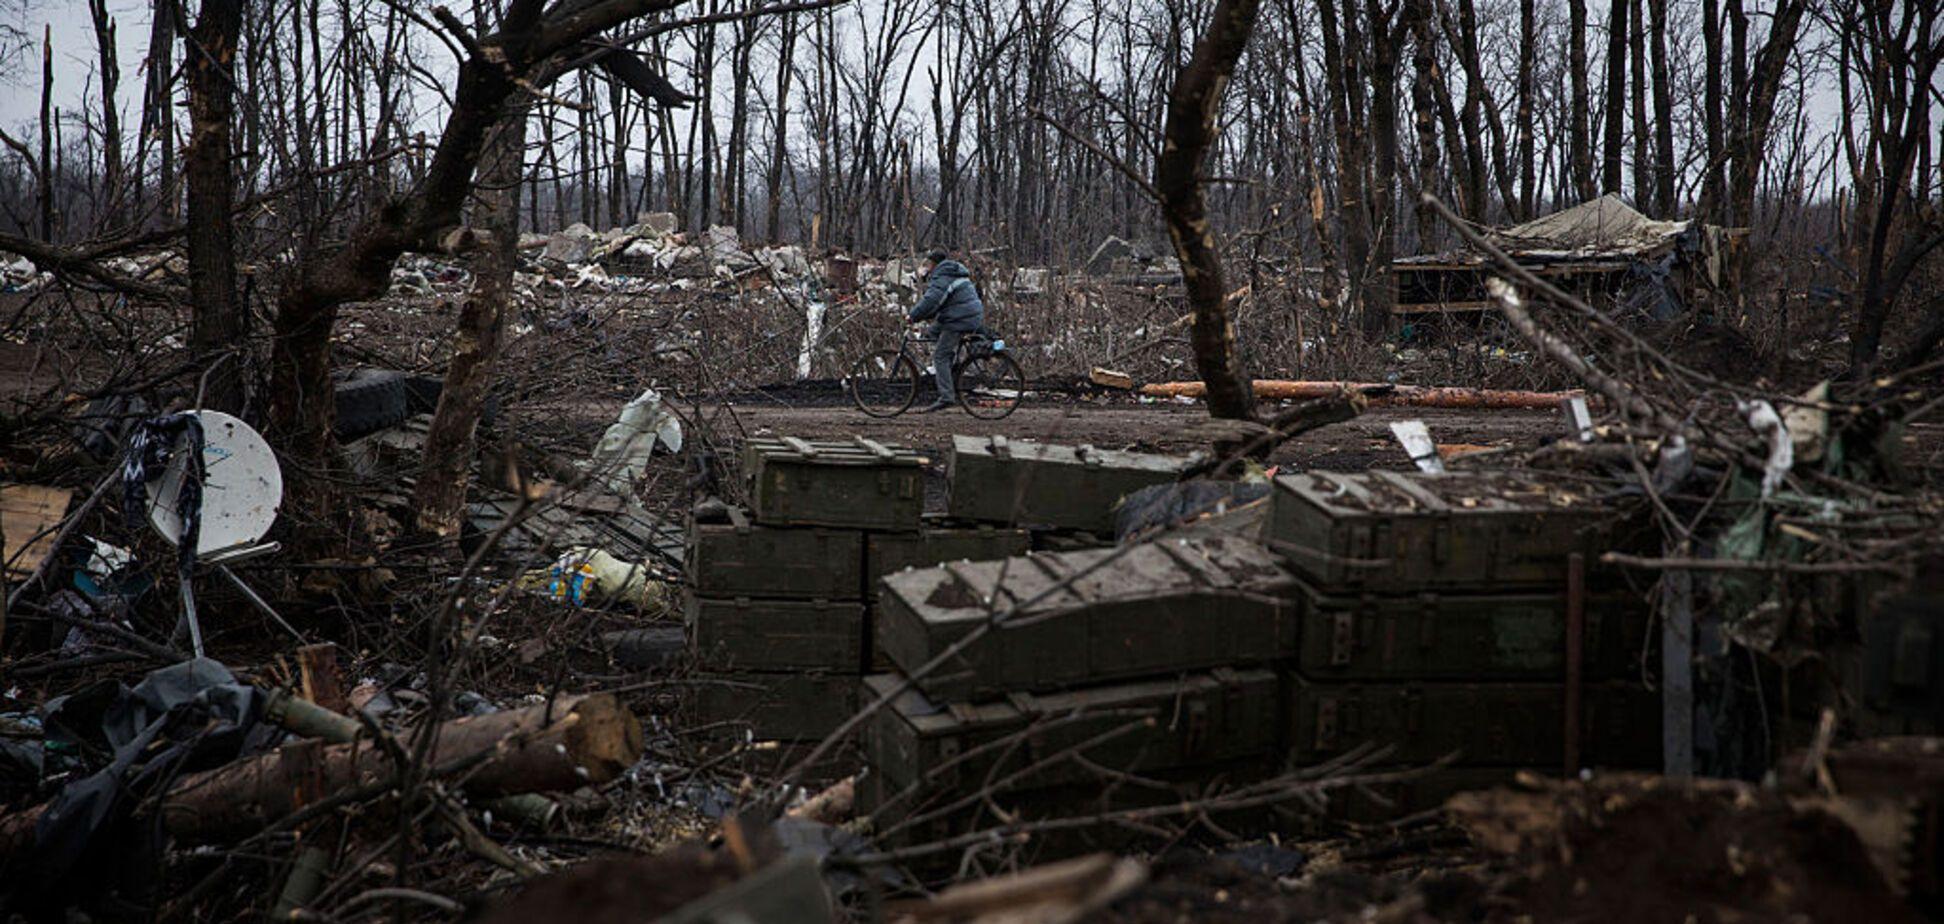 'Людям потрібна допомога': ООН прийняла тривожне рішення по Донбасу